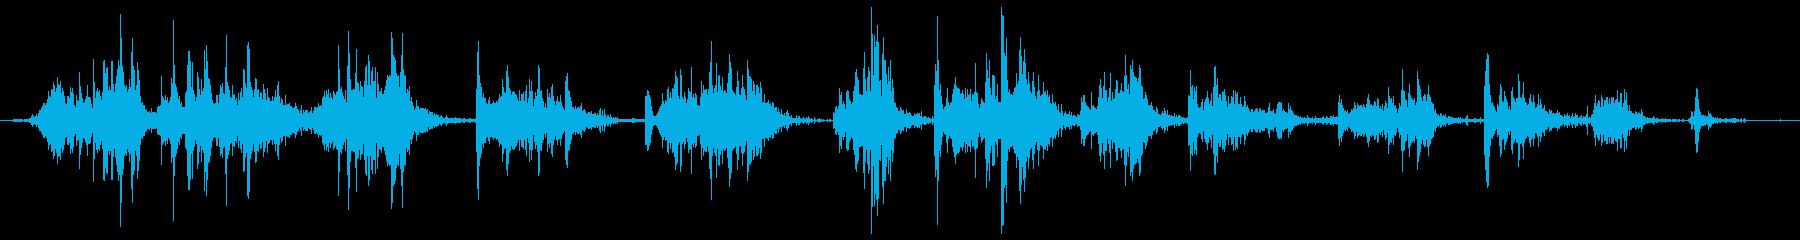 ハードメタルレーキ:スプレッドグラ...の再生済みの波形